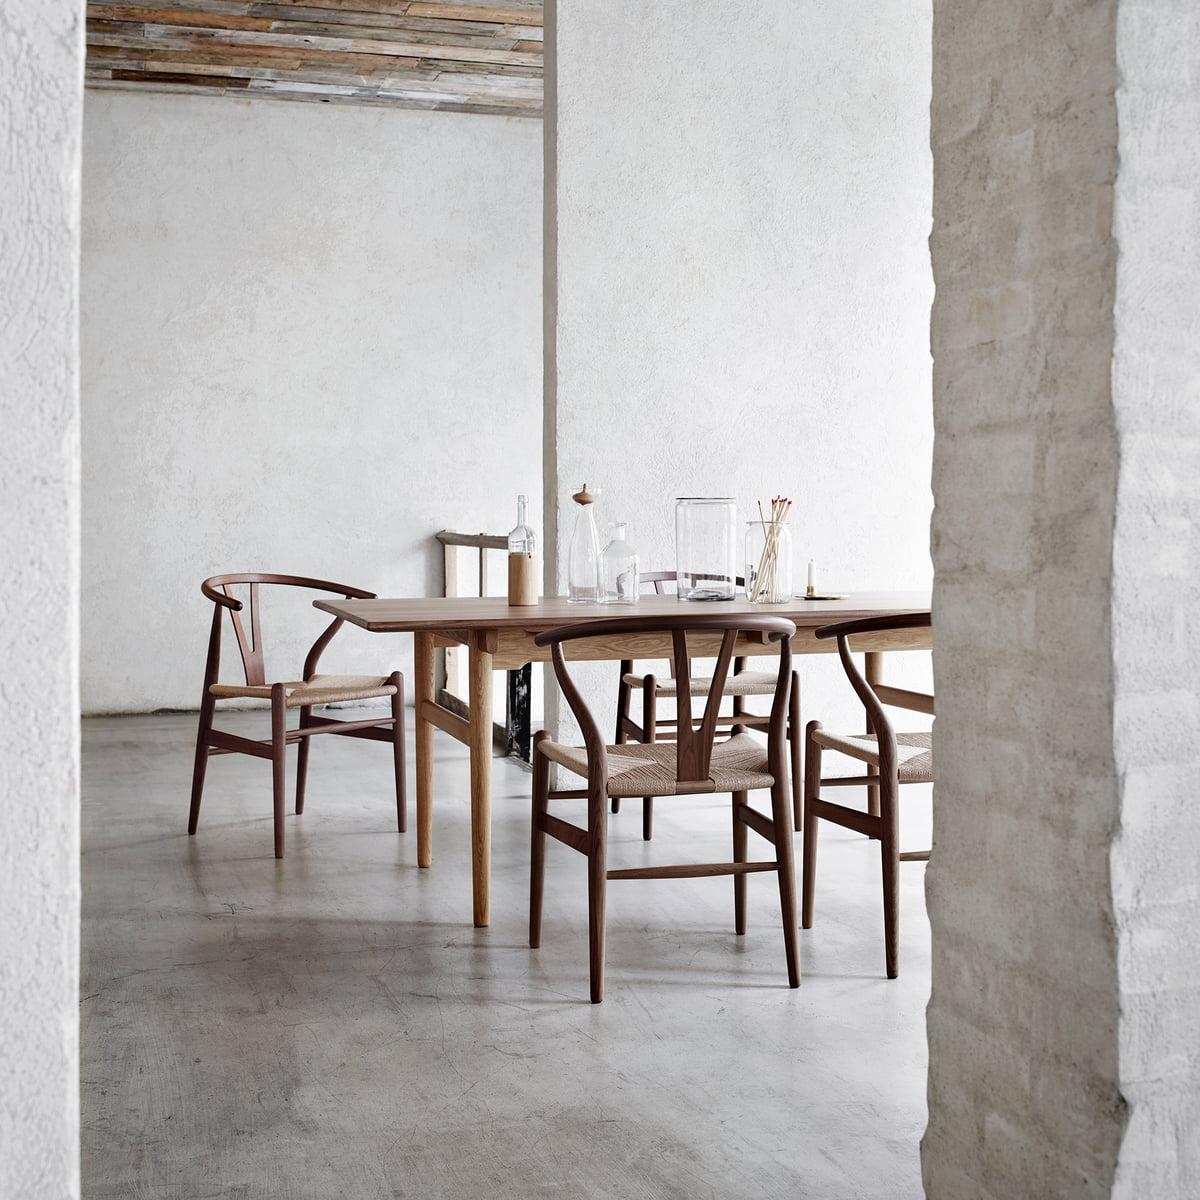 Carl Hansen – CH327 spisebord med udtræk, 190 x 95 cm, ludbehandlet eg